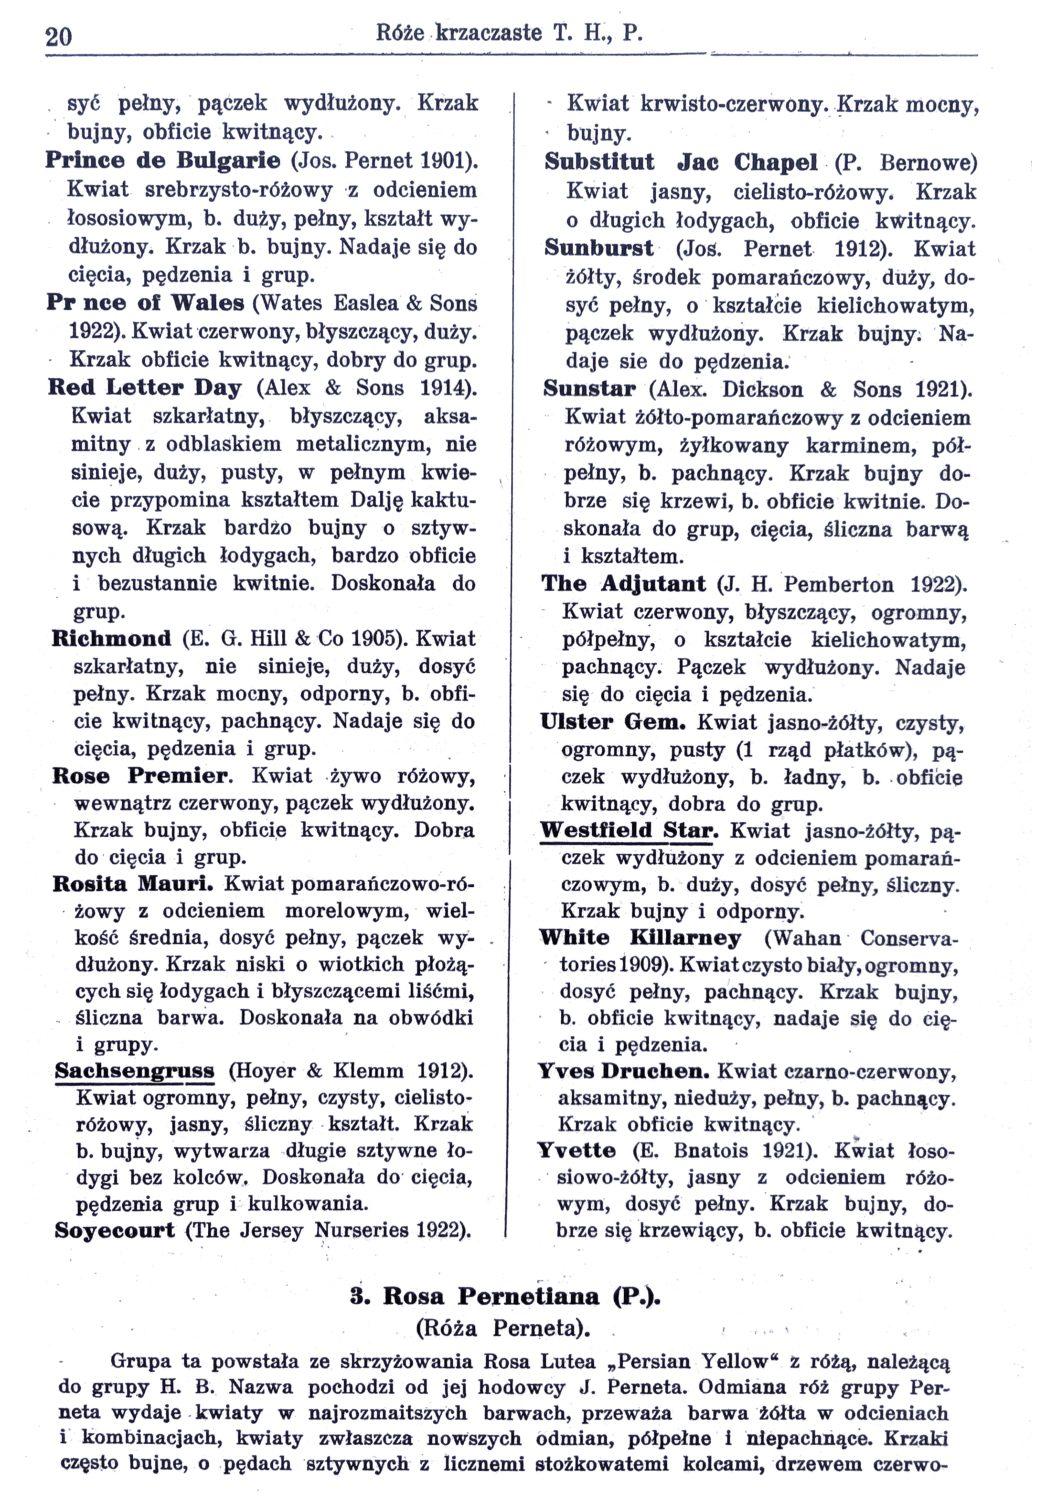 Cennik szkółek ogrodniczych Stanisława Dzieduszyckiego 20